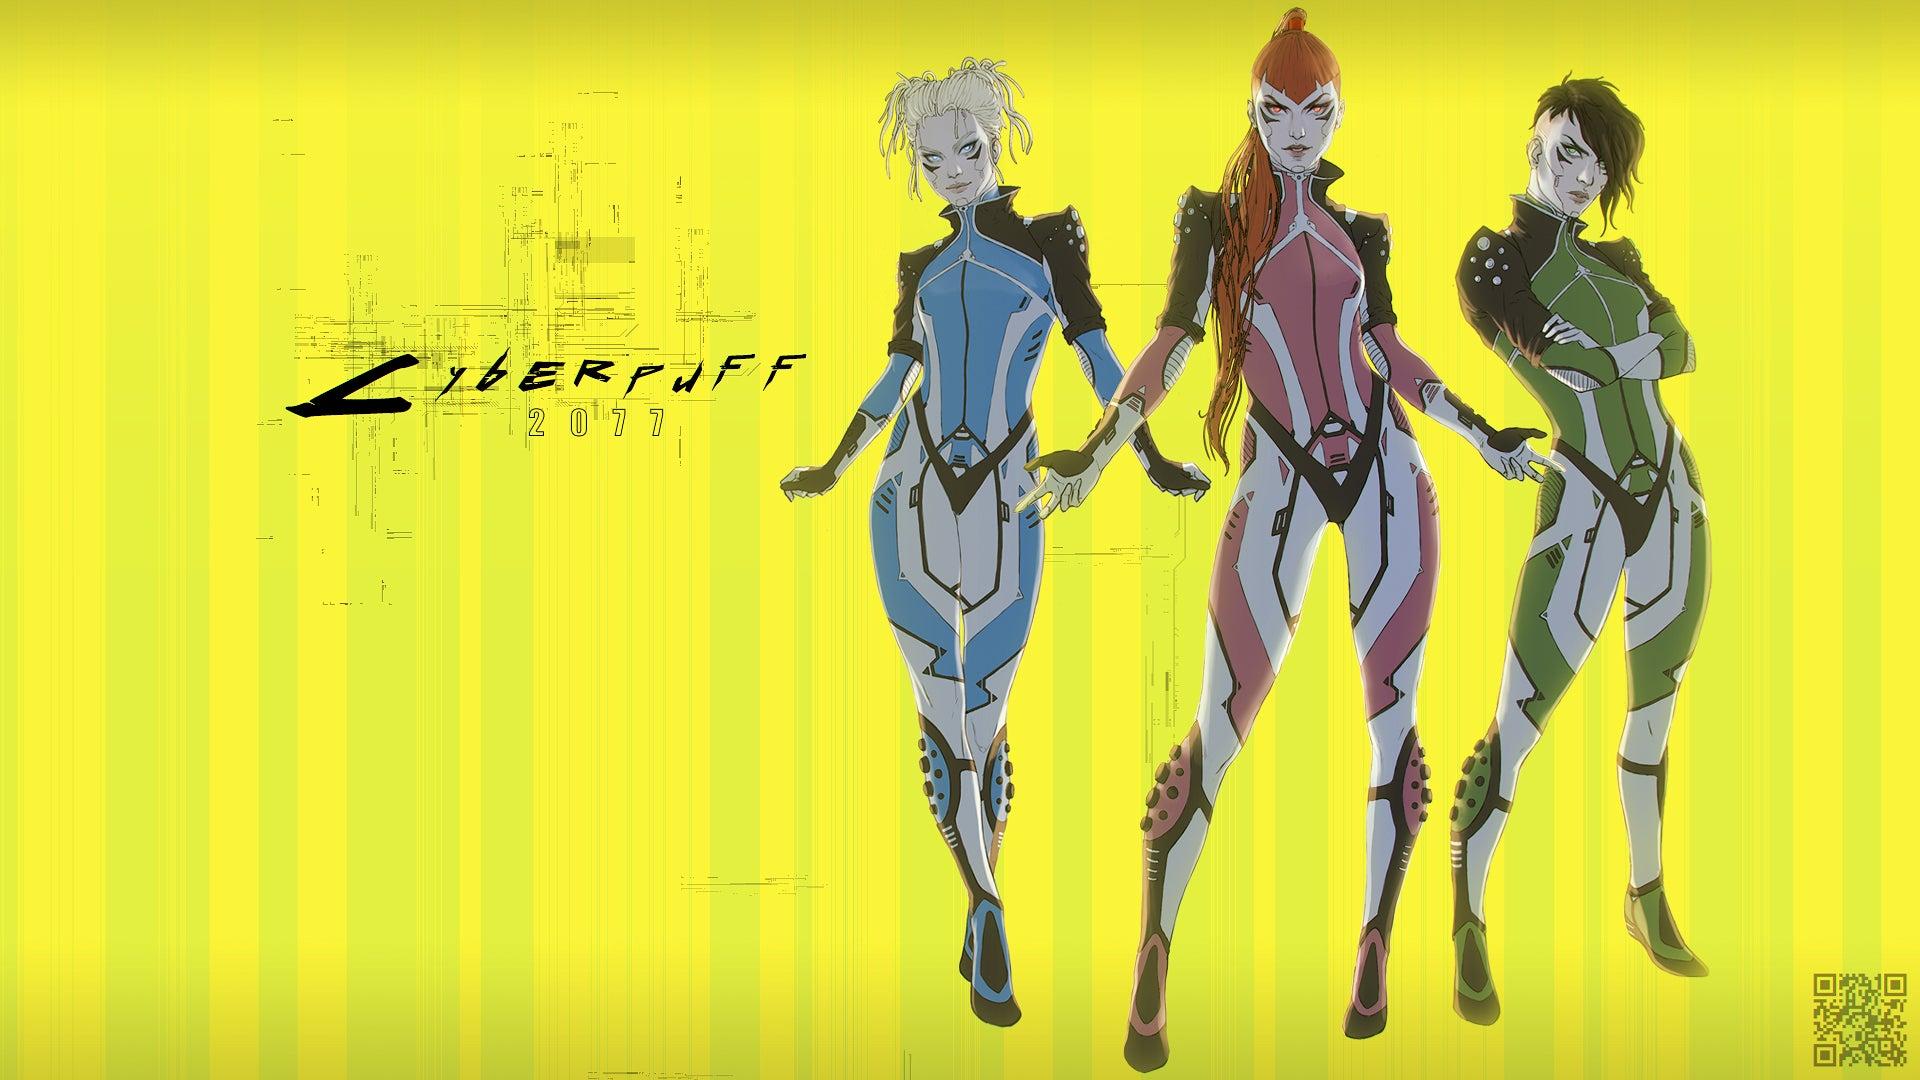 Cyberpunk-2077-Игры-Powerpuff-Girls-Cartoon-Network-5374608.jpeg - Cyberpunk 2077